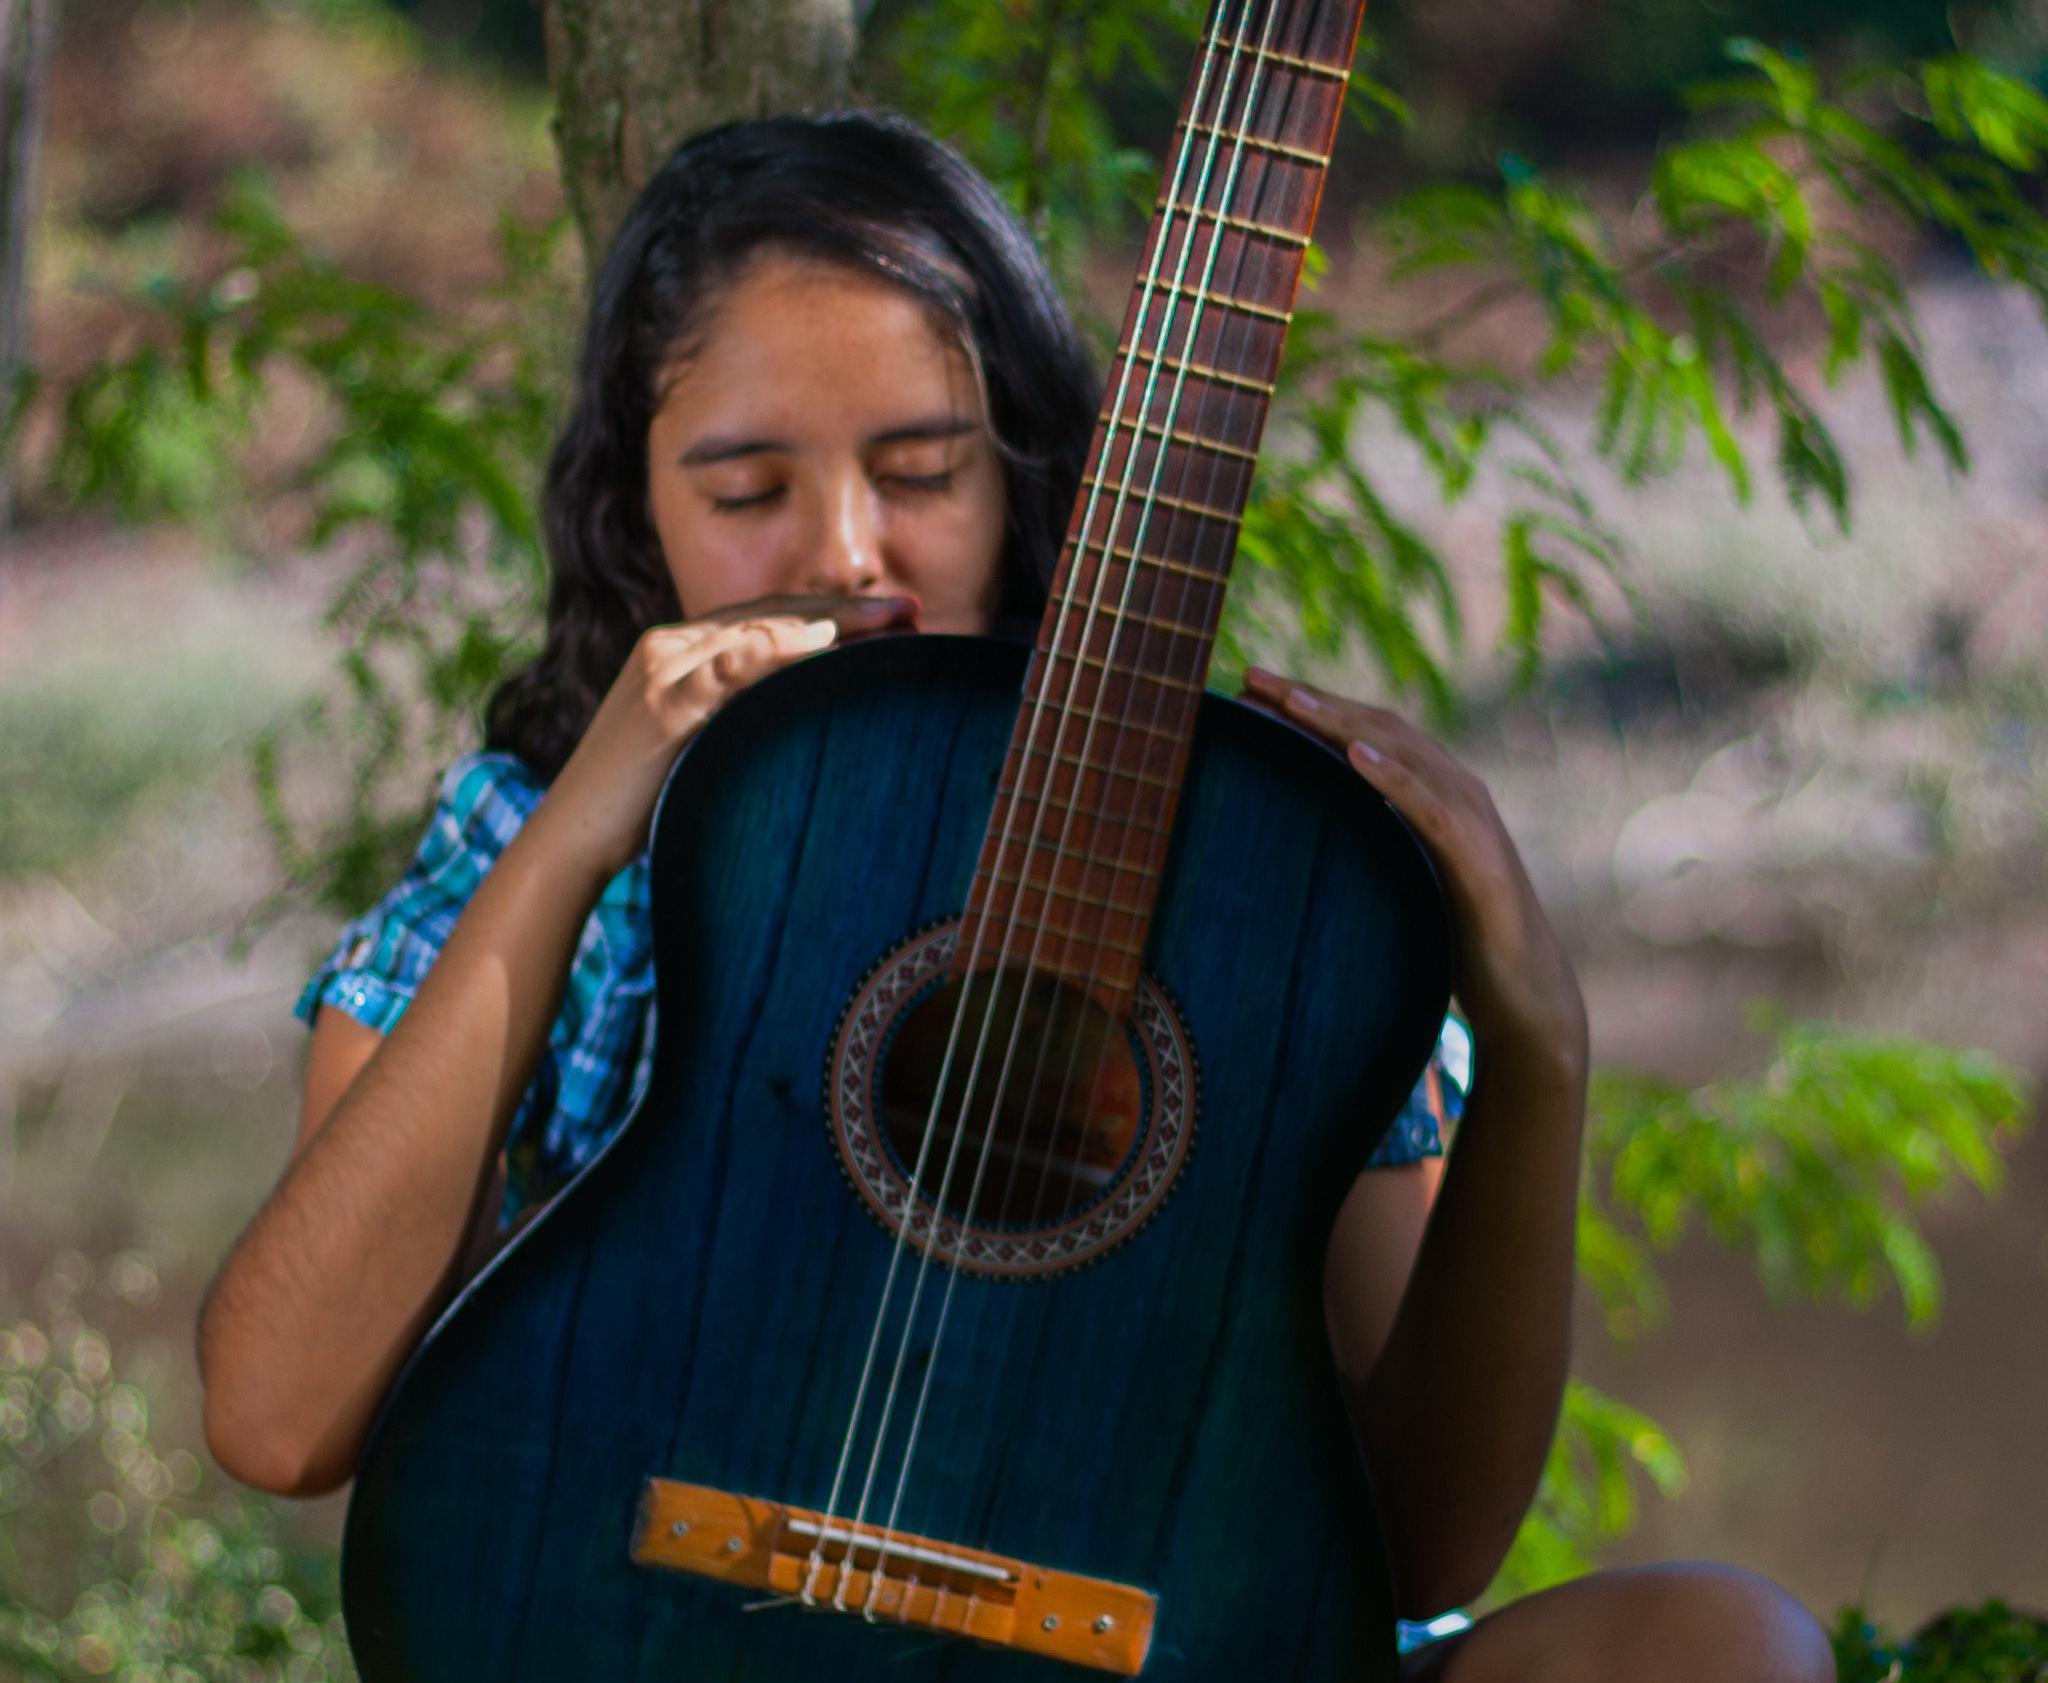 Considerações sobre música e desenvolvimento infantil